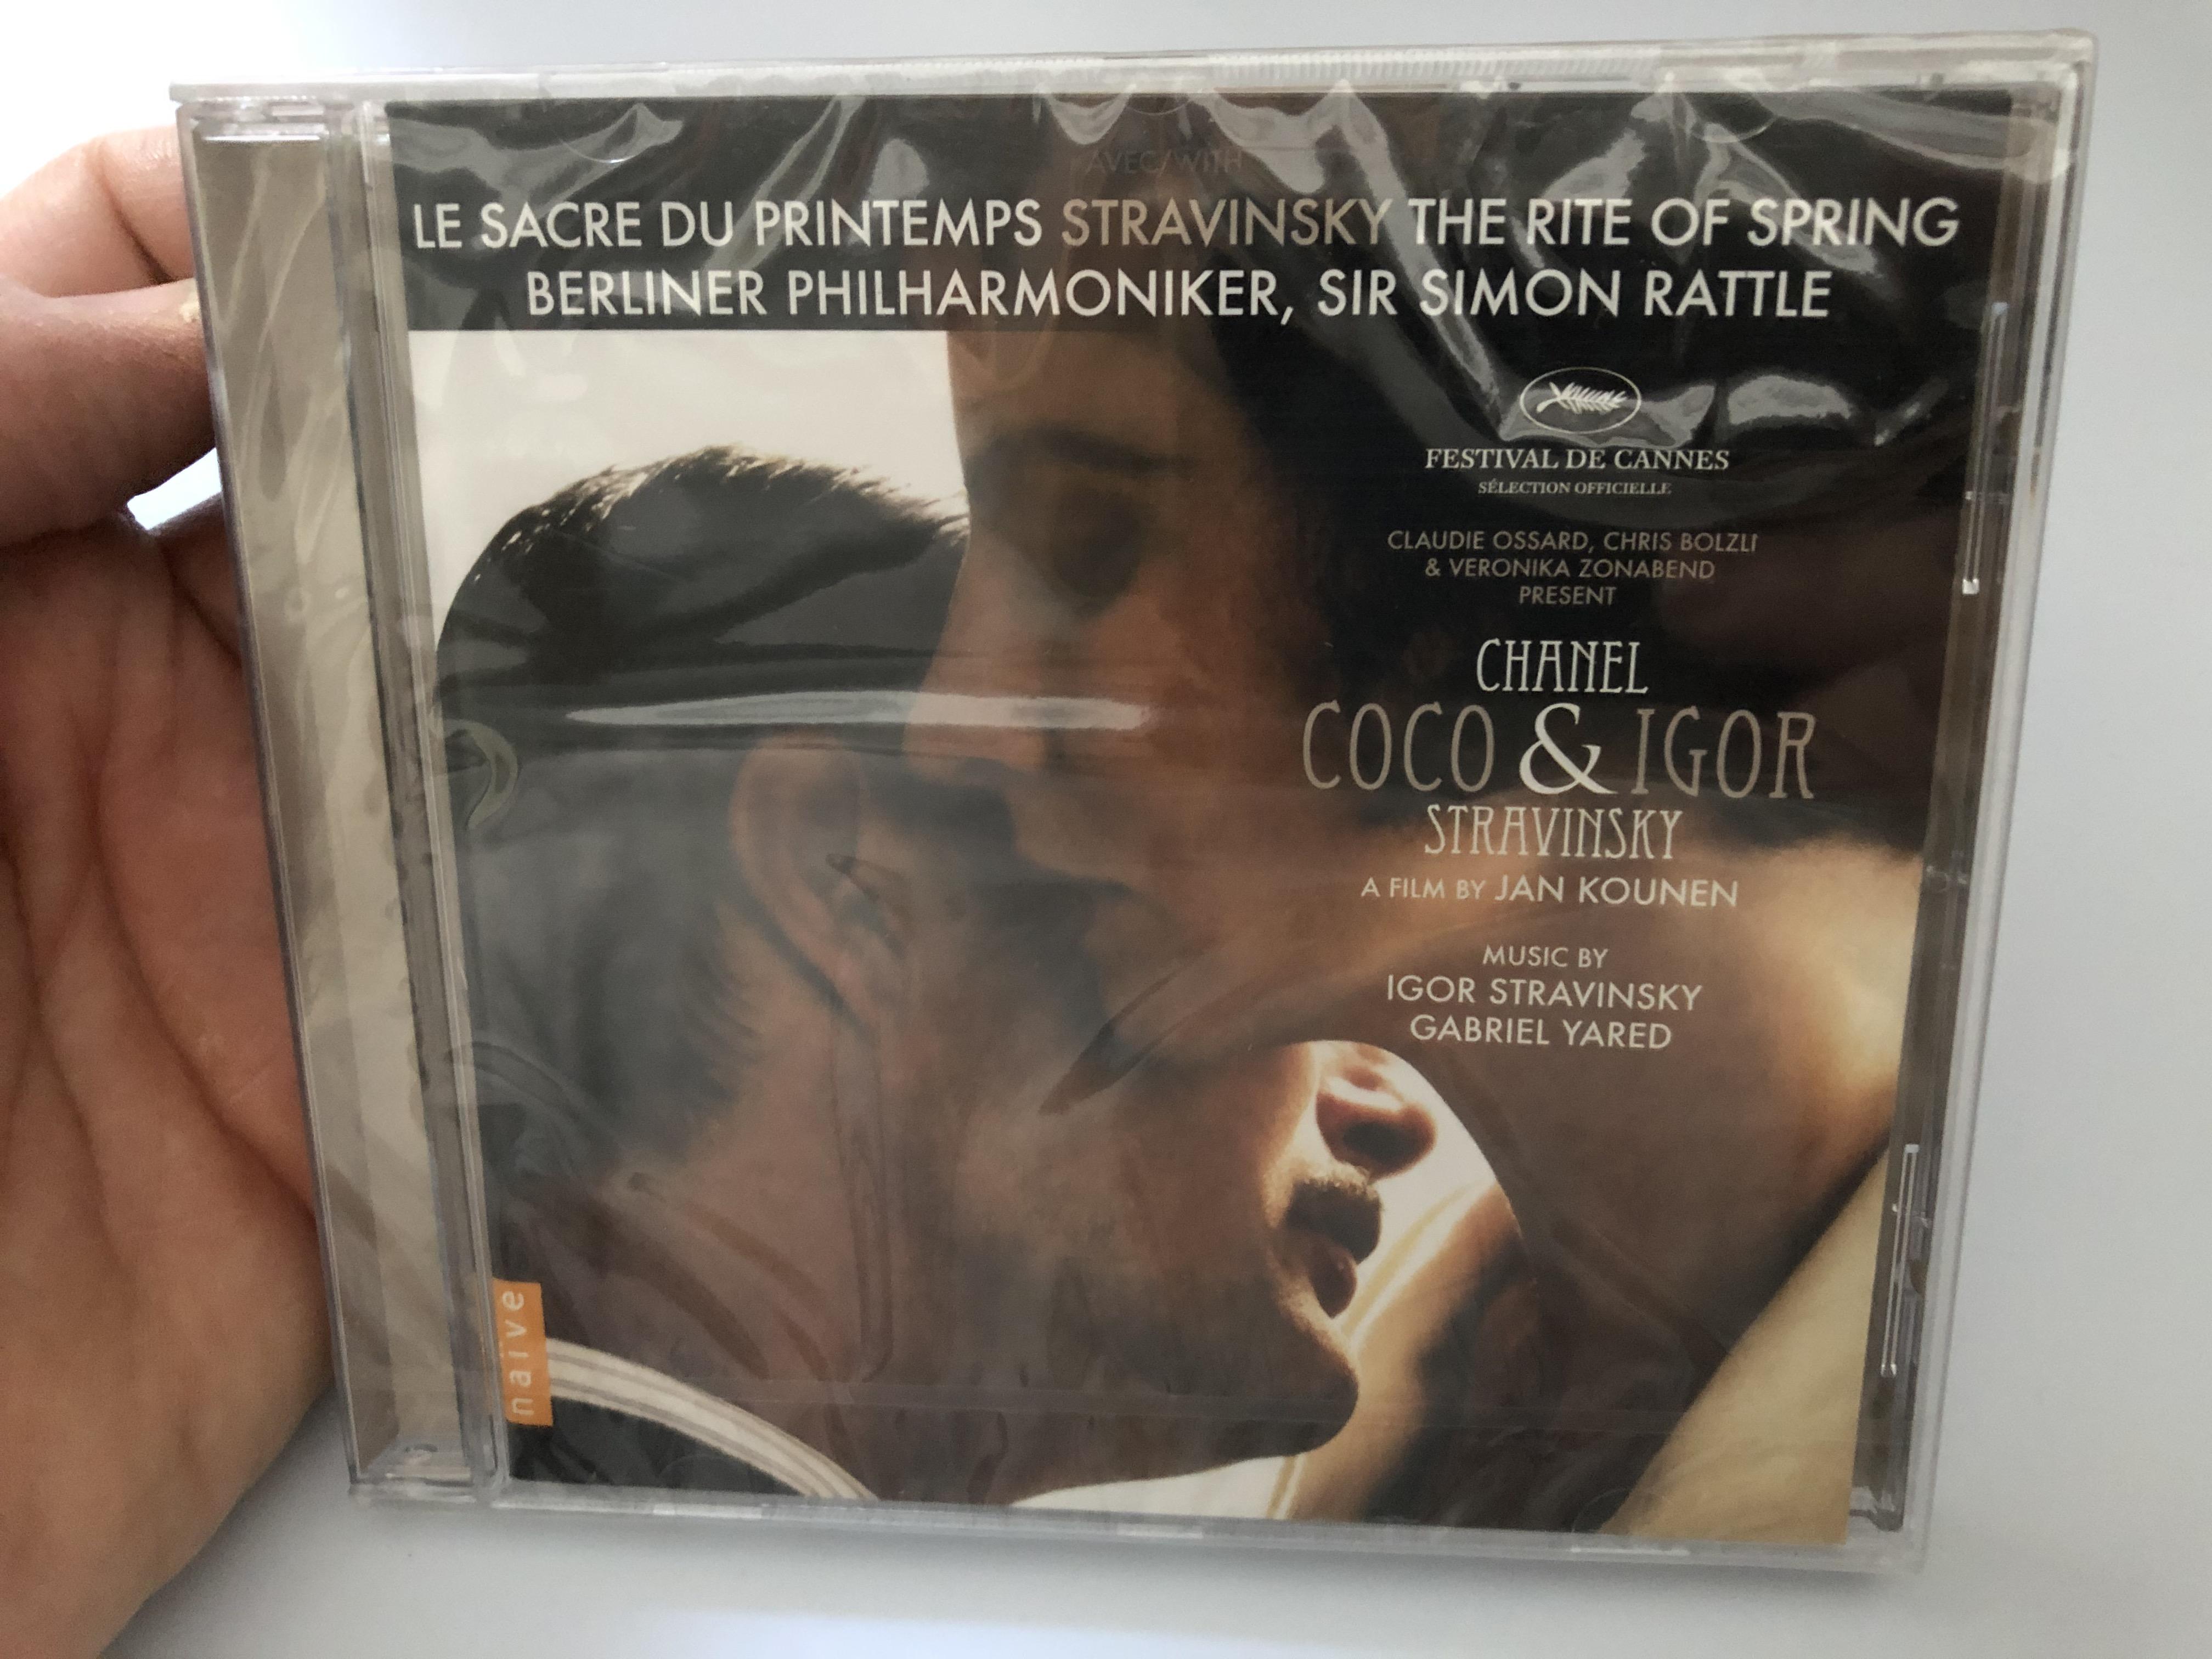 claudie-ossard-chris-bolzli-veronika-zonabend-present-coco-chanel-igor-stravinsky-a-film-by-jan-kounen-music-by-igor-stravinsky-gabriel-yared-na-ve-audio-cd-2009-v-5223-1-.jpg